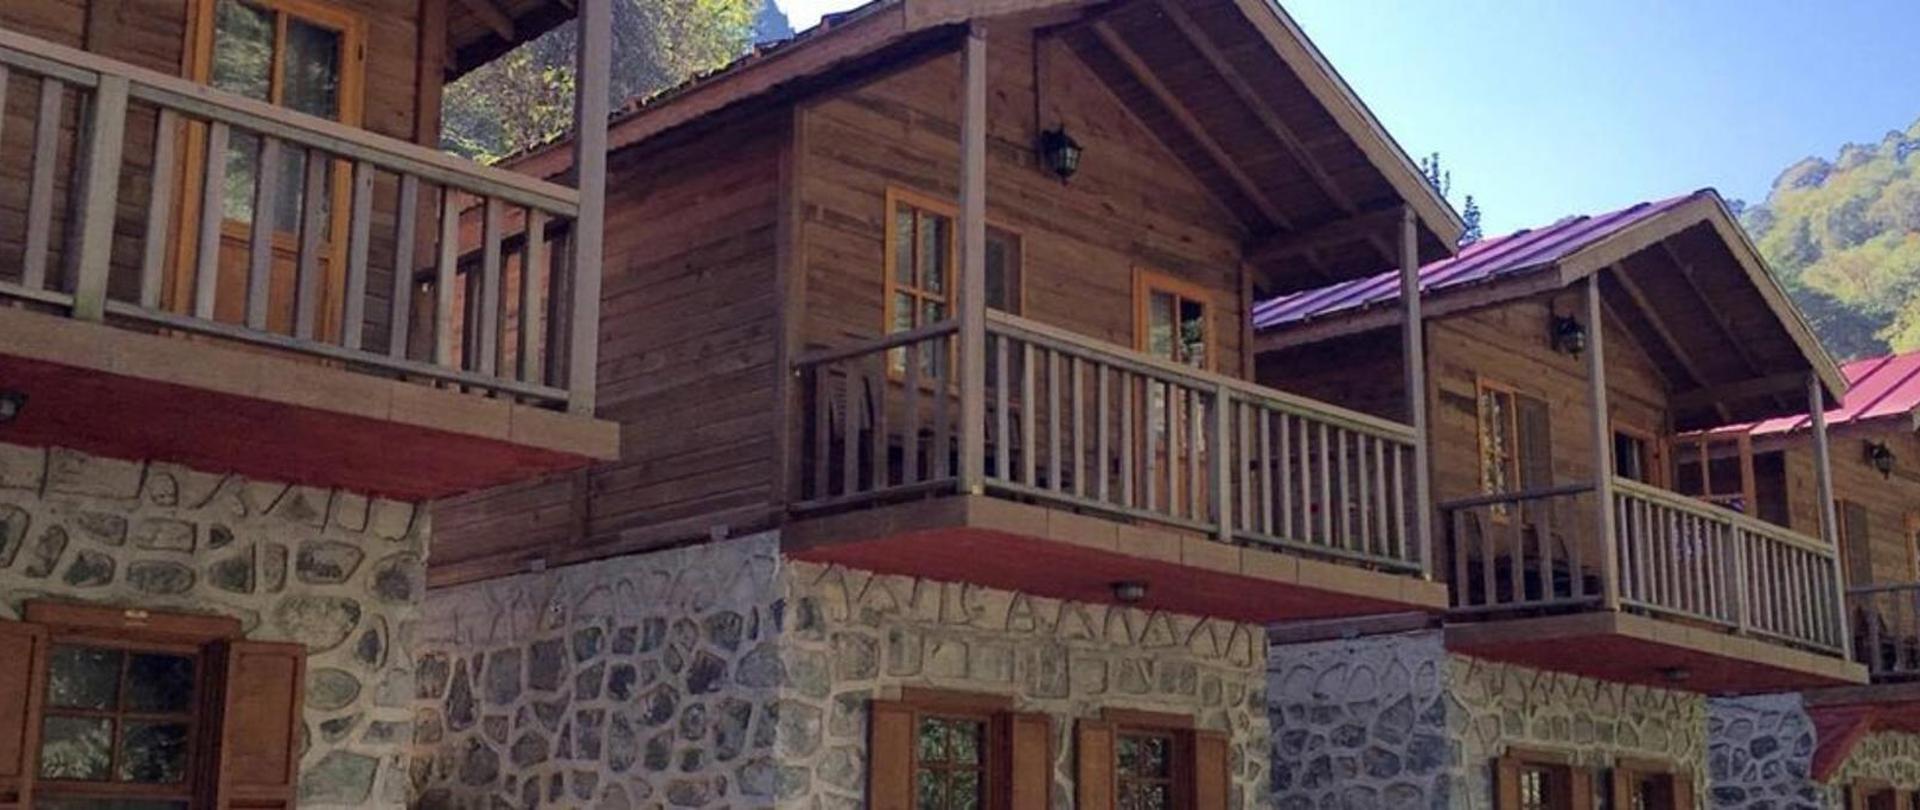 artvin hotel.jpg